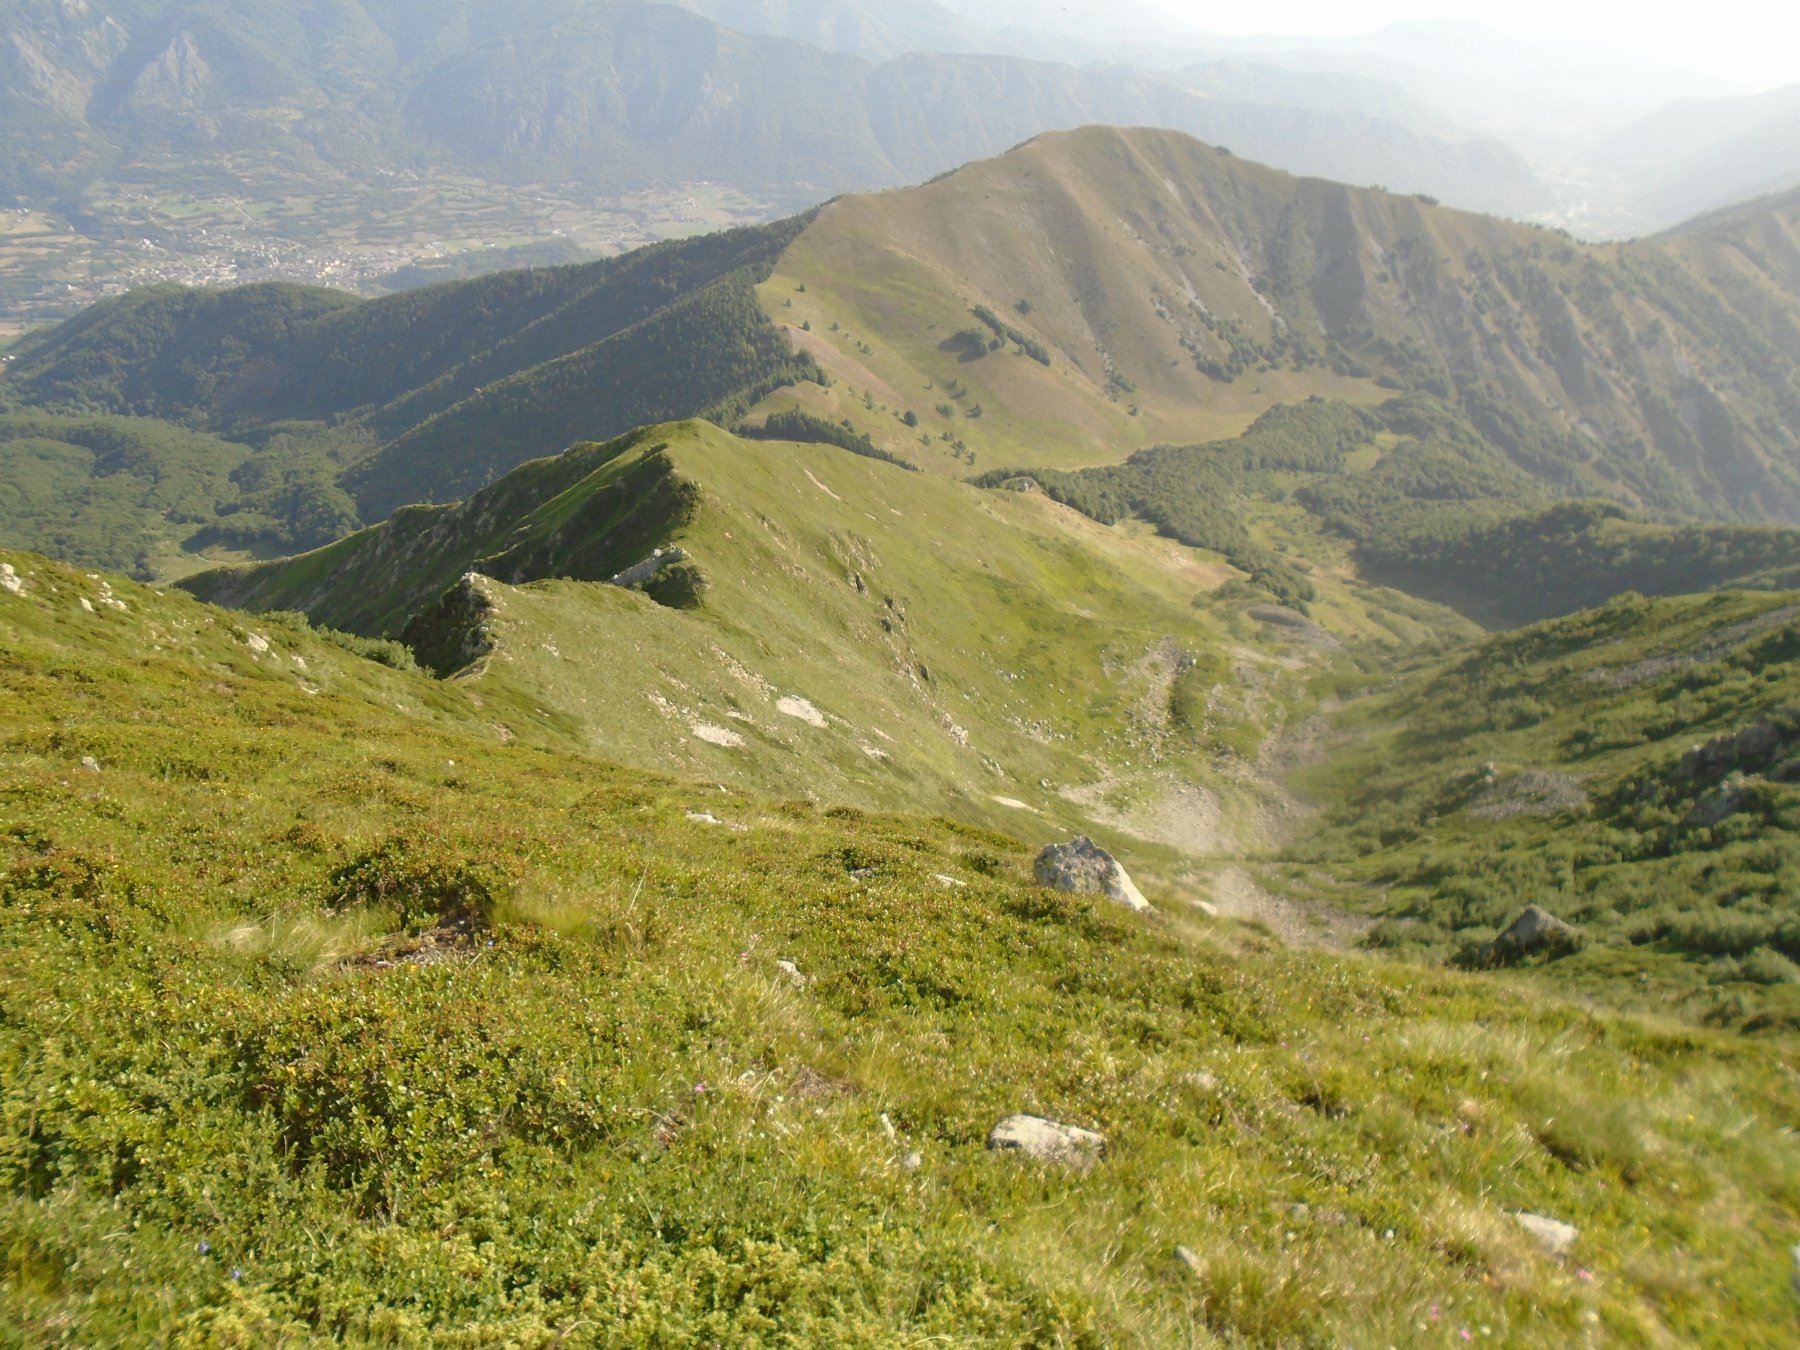 Da quota 2261 la cresta di discesa verso Colle Arpione/Casotto del Parco